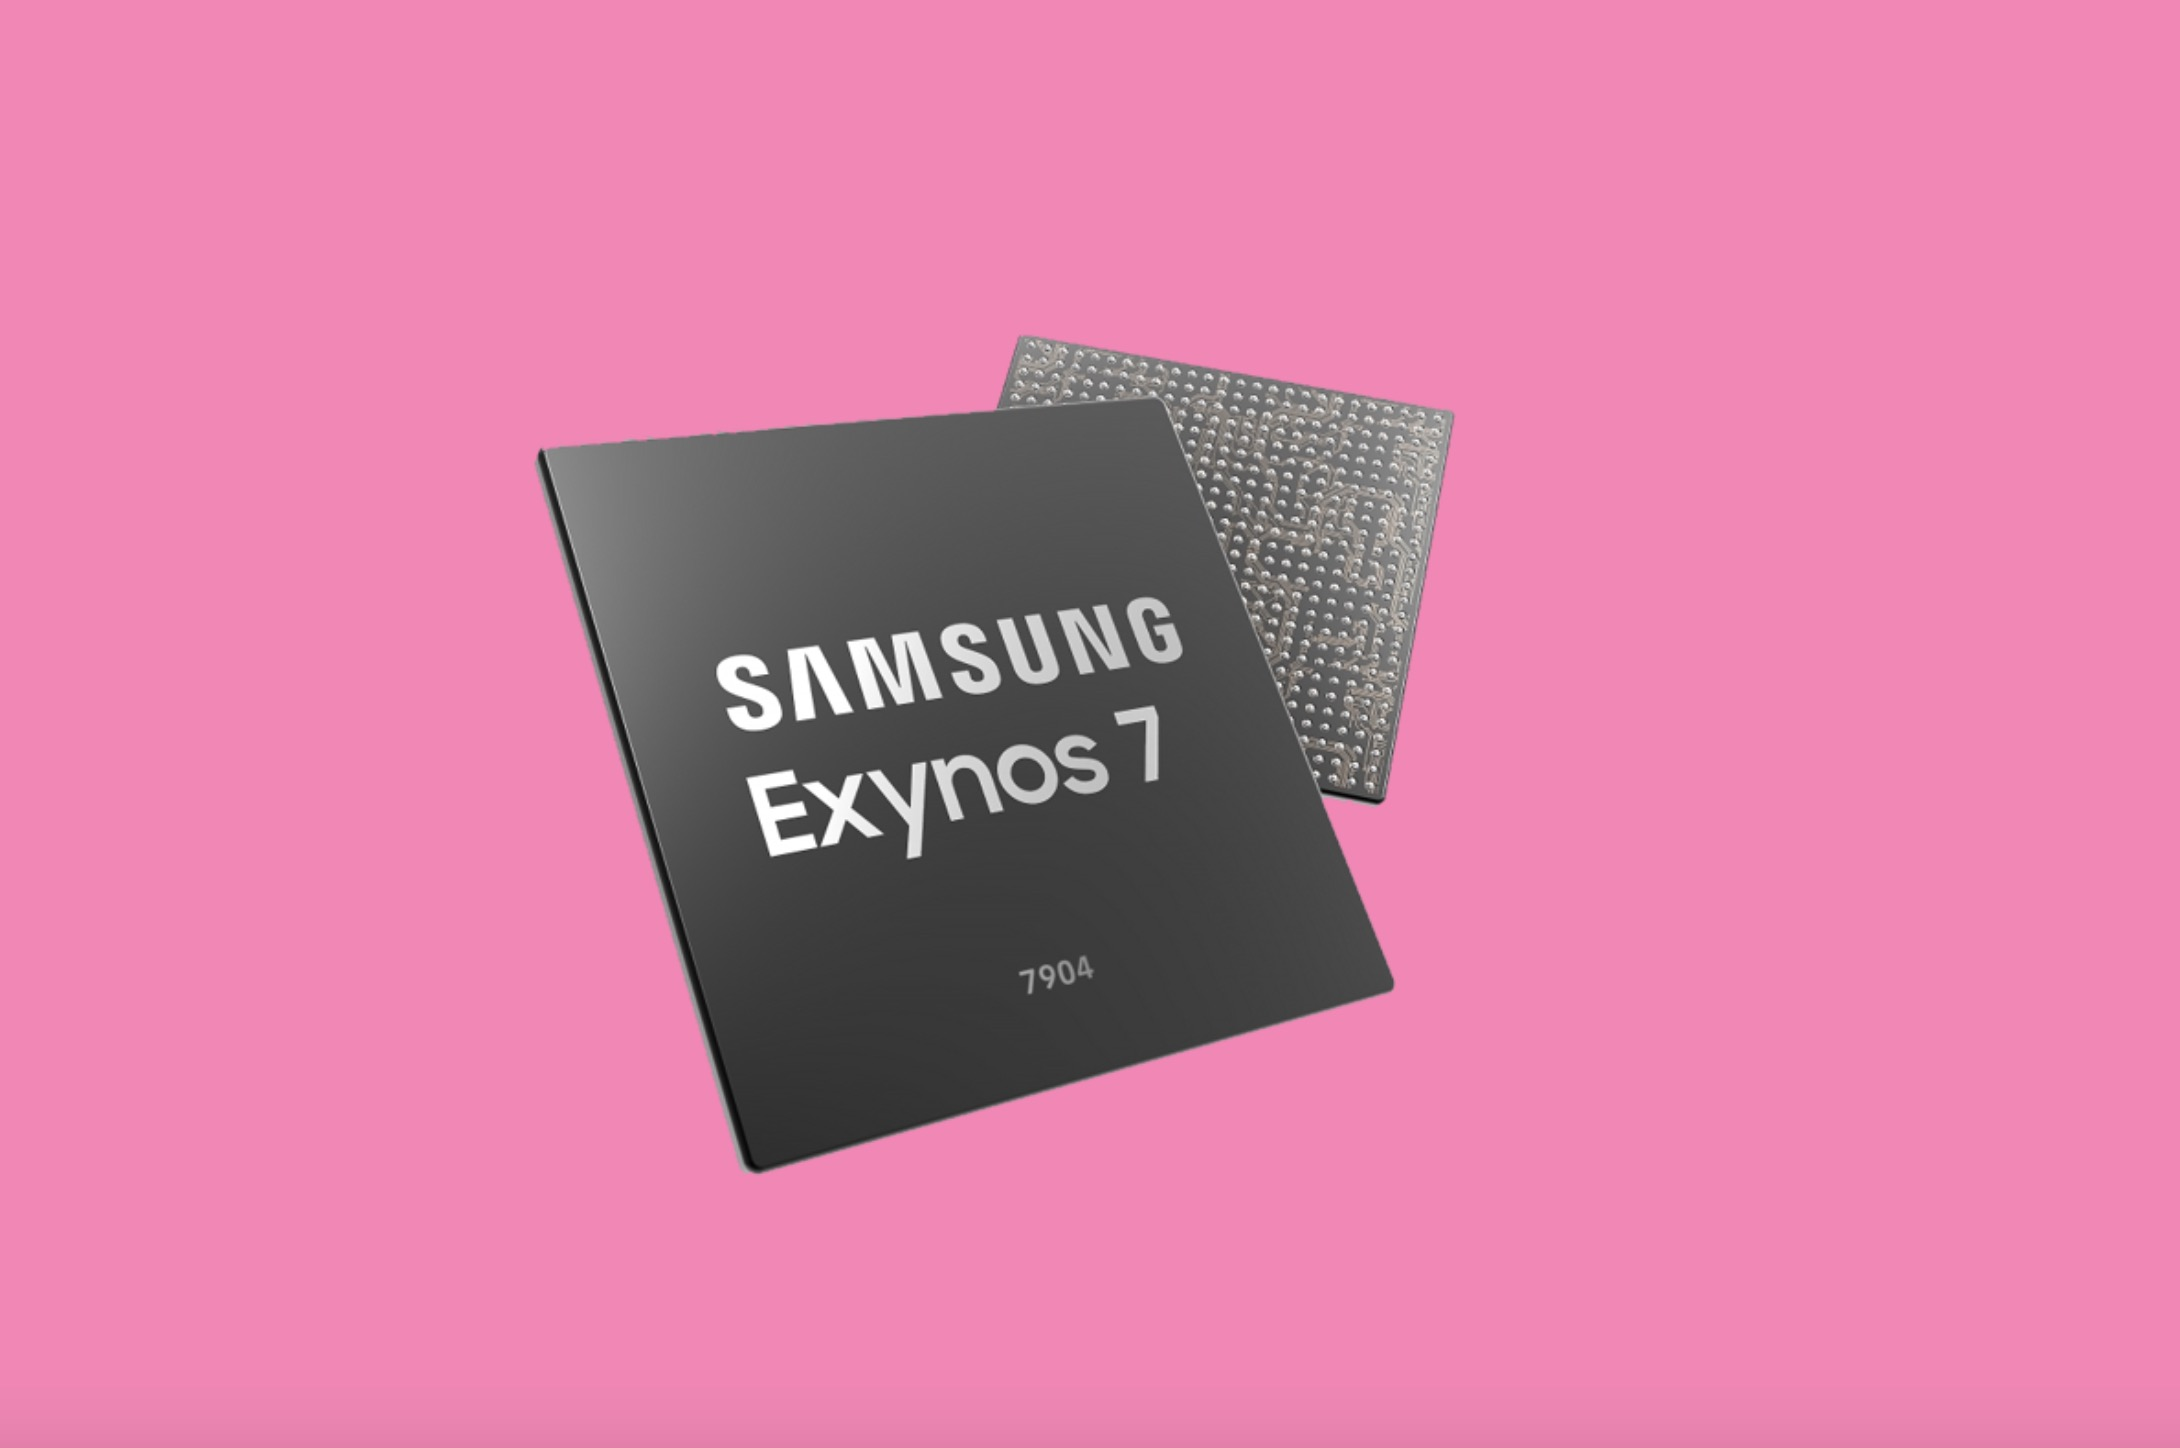 Samsung Exynos 7904 chipset